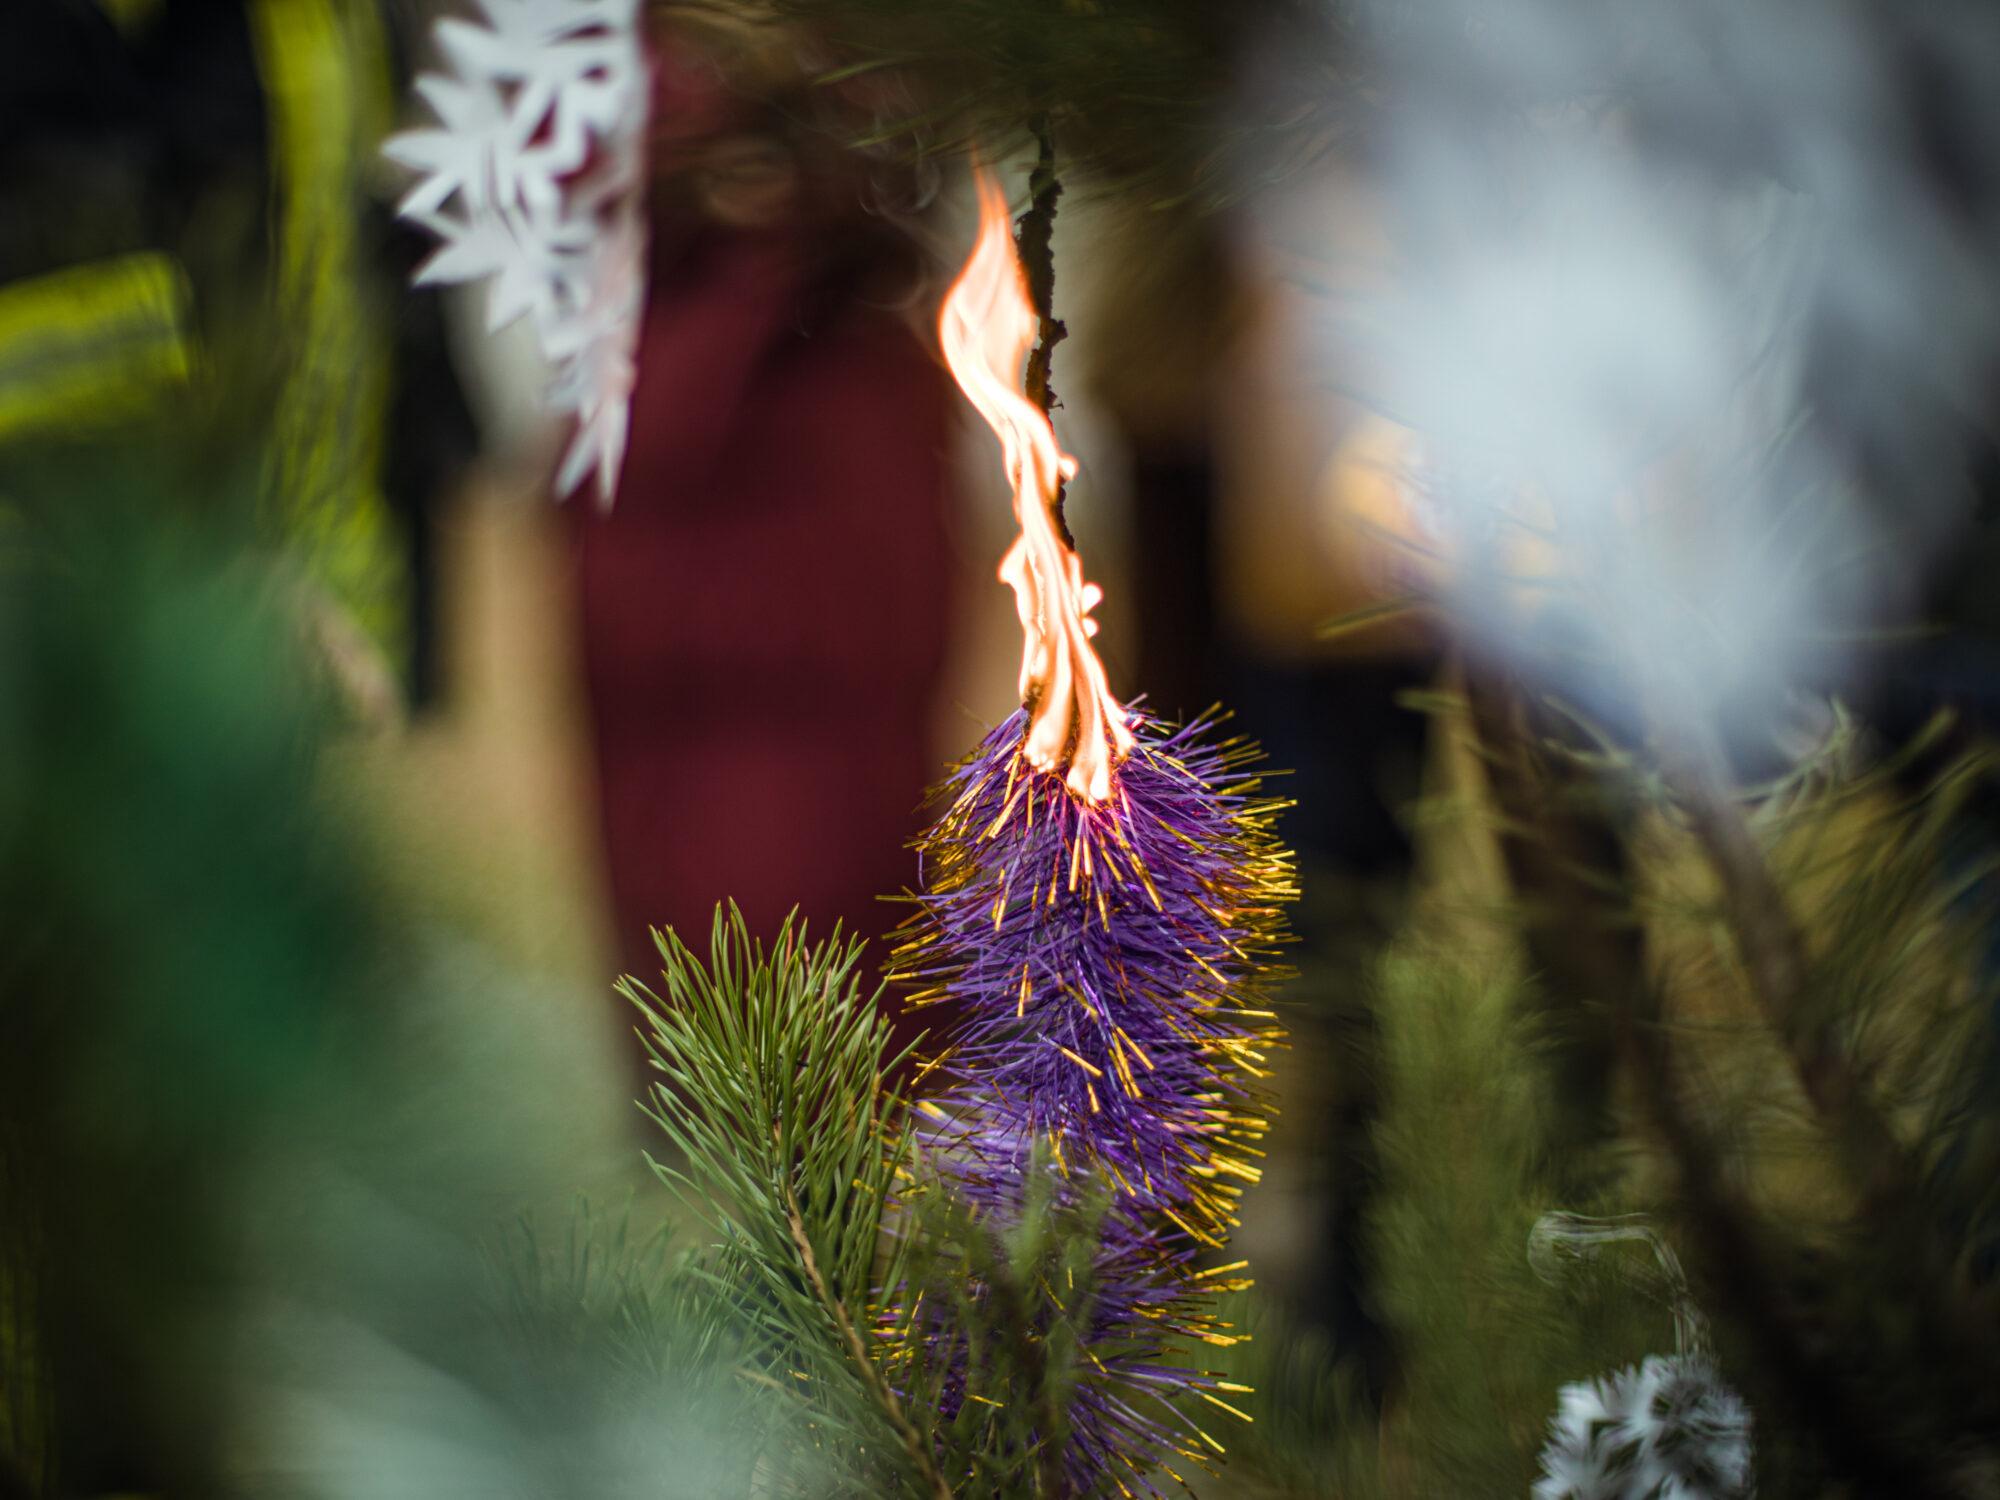 Обережно, Новий рік: пожежники закликають до правил безпеки - ялинкові прикраси, Різдво Христове, правила безпеки, новорічна ялинка, Новий рік - 48718 2000x1500